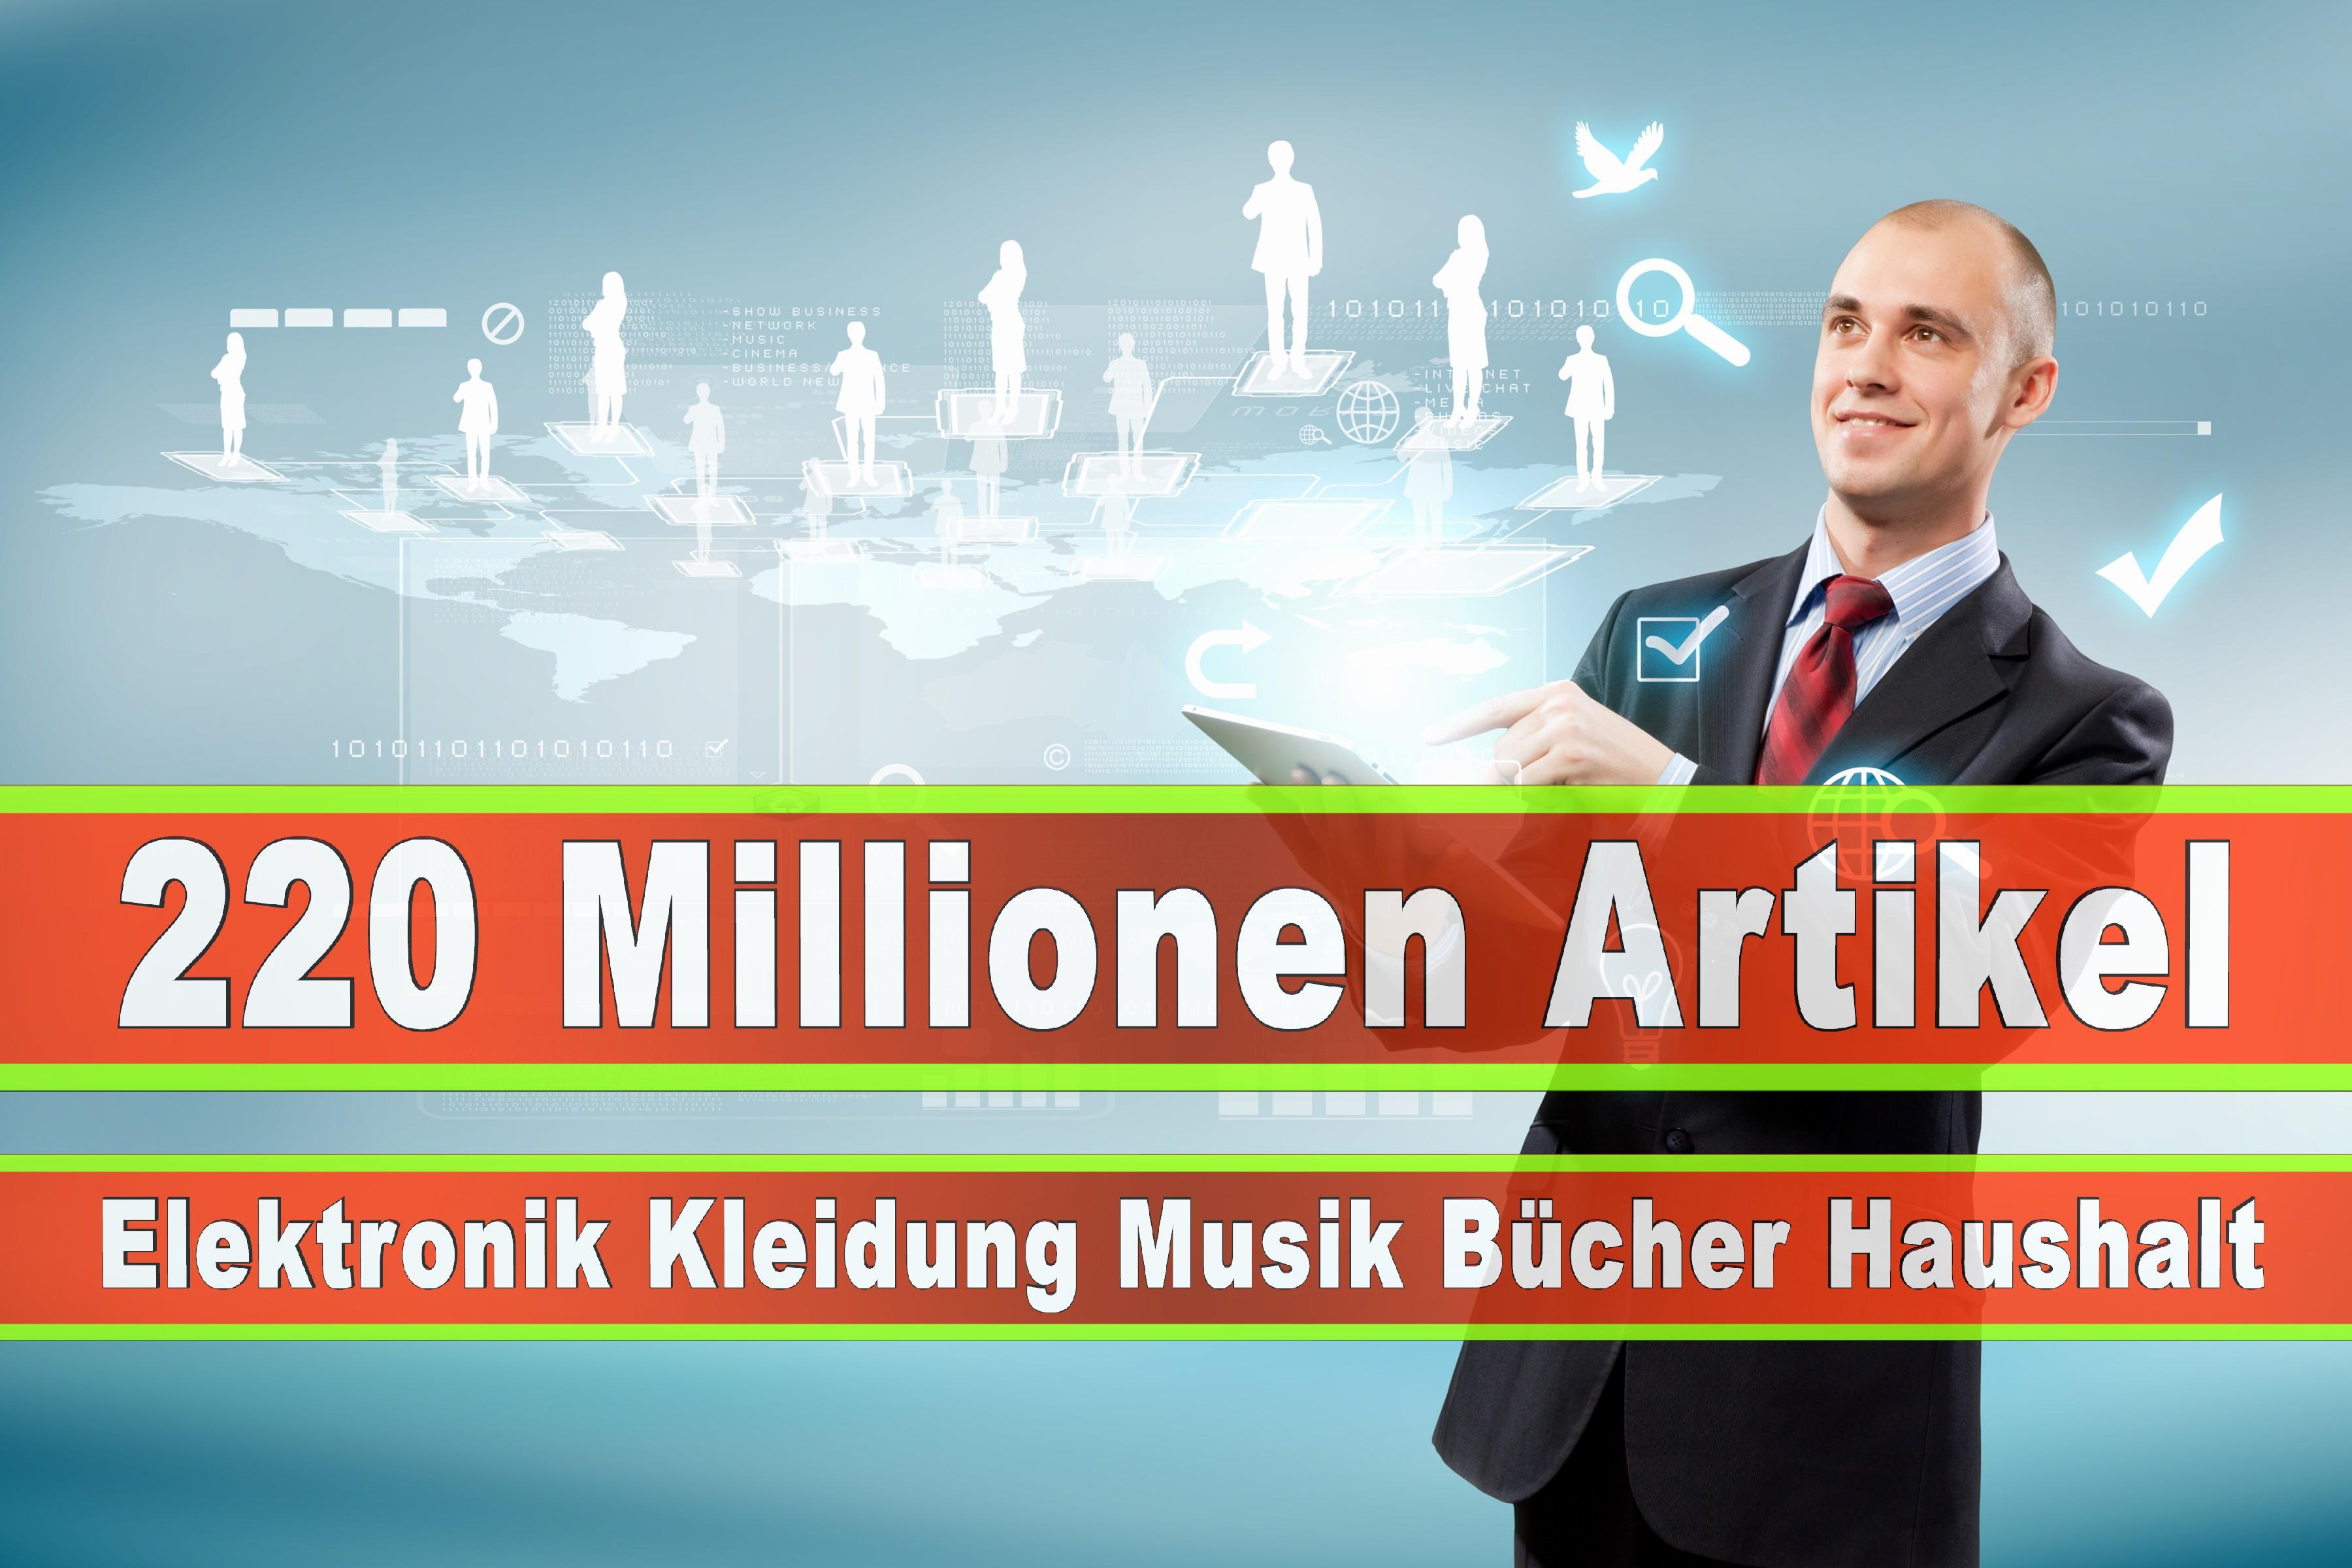 Amazon Elektronik Musik Haushalt Bücher CD DVD Handys Smartphones TV Television Fernseher Kleidung Mode Ebay Versandhaus (25)